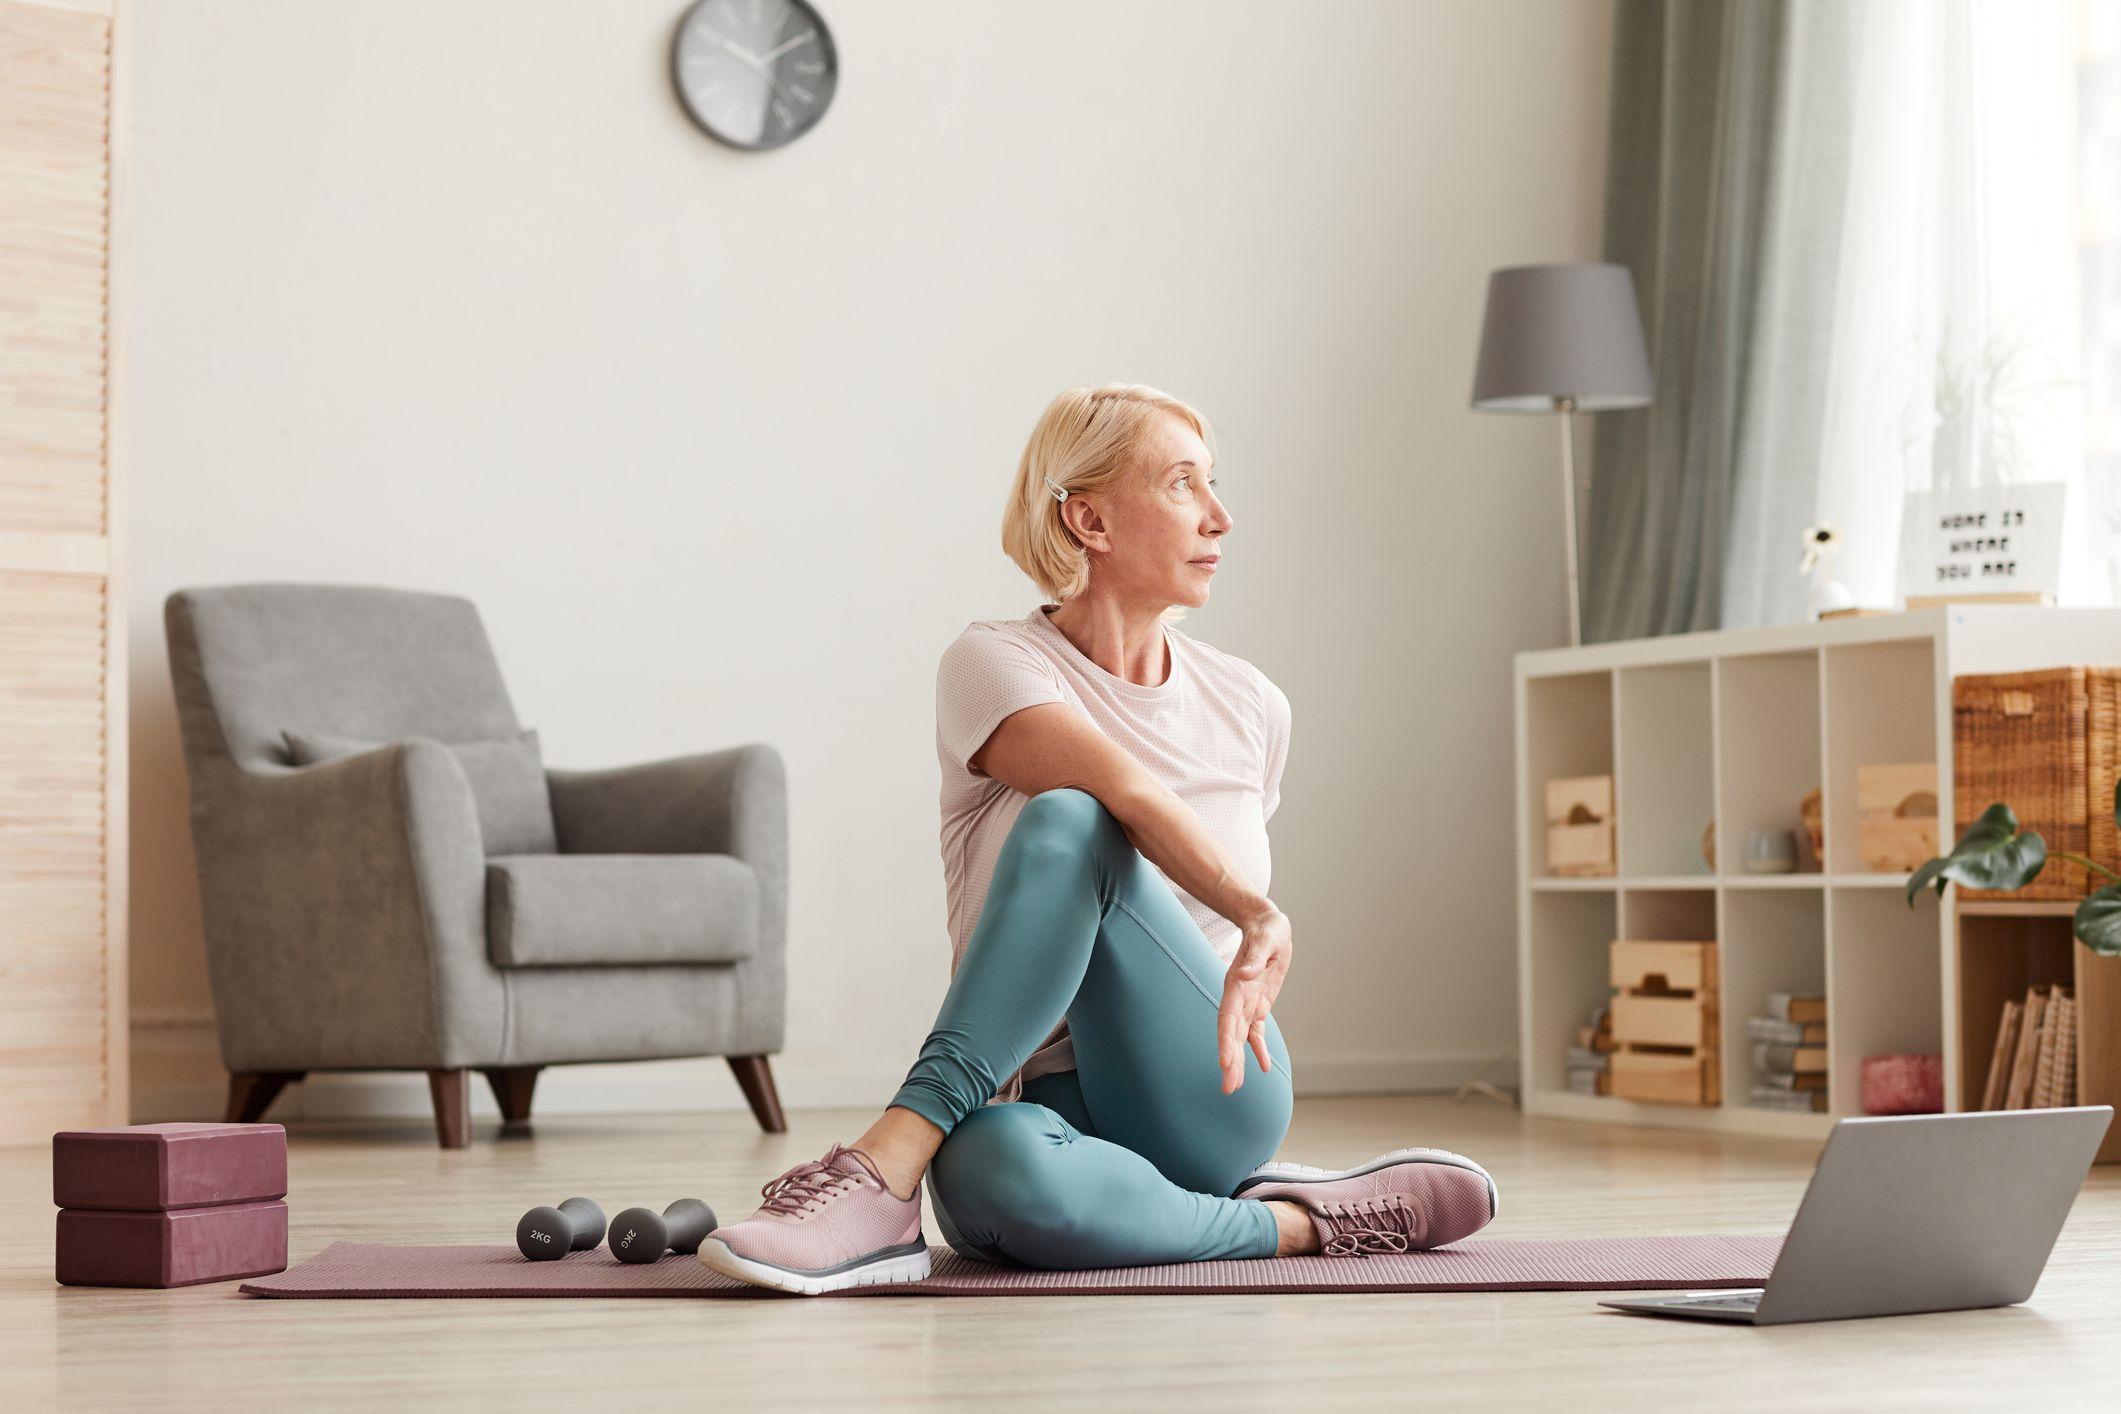 Entrenamiento de movilidad: ¿cómo reducir la tensión muscular y mejorar la coordinación?